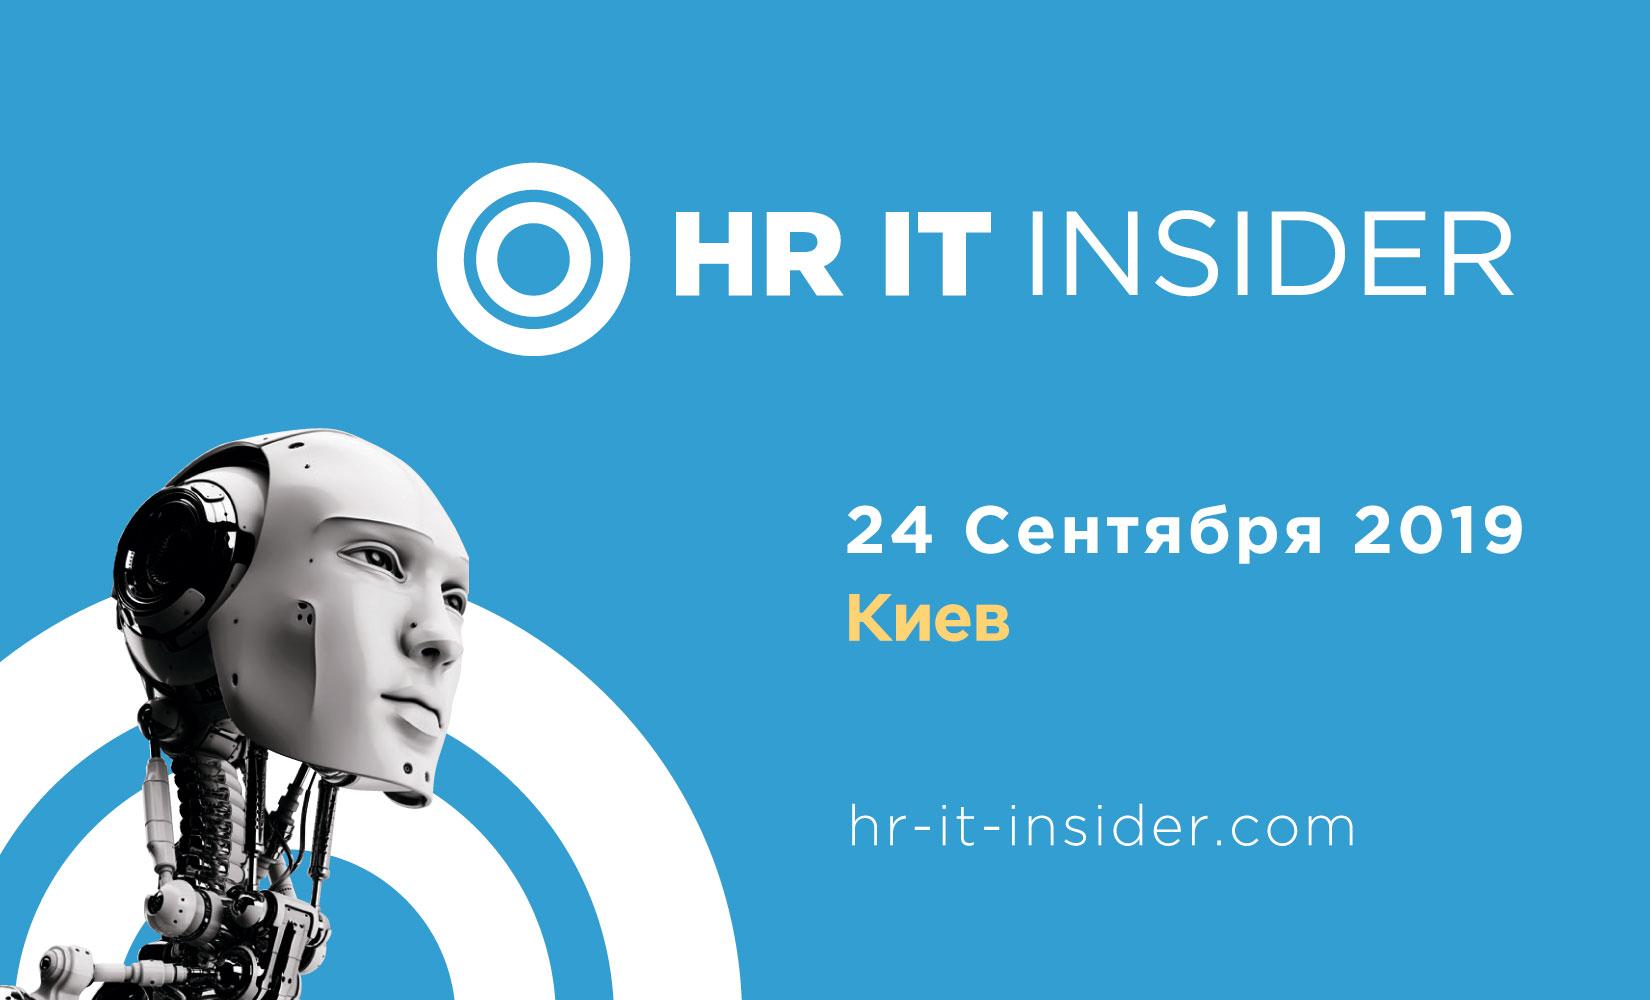 Кращі практики на HR IT Insider – 24/09/19